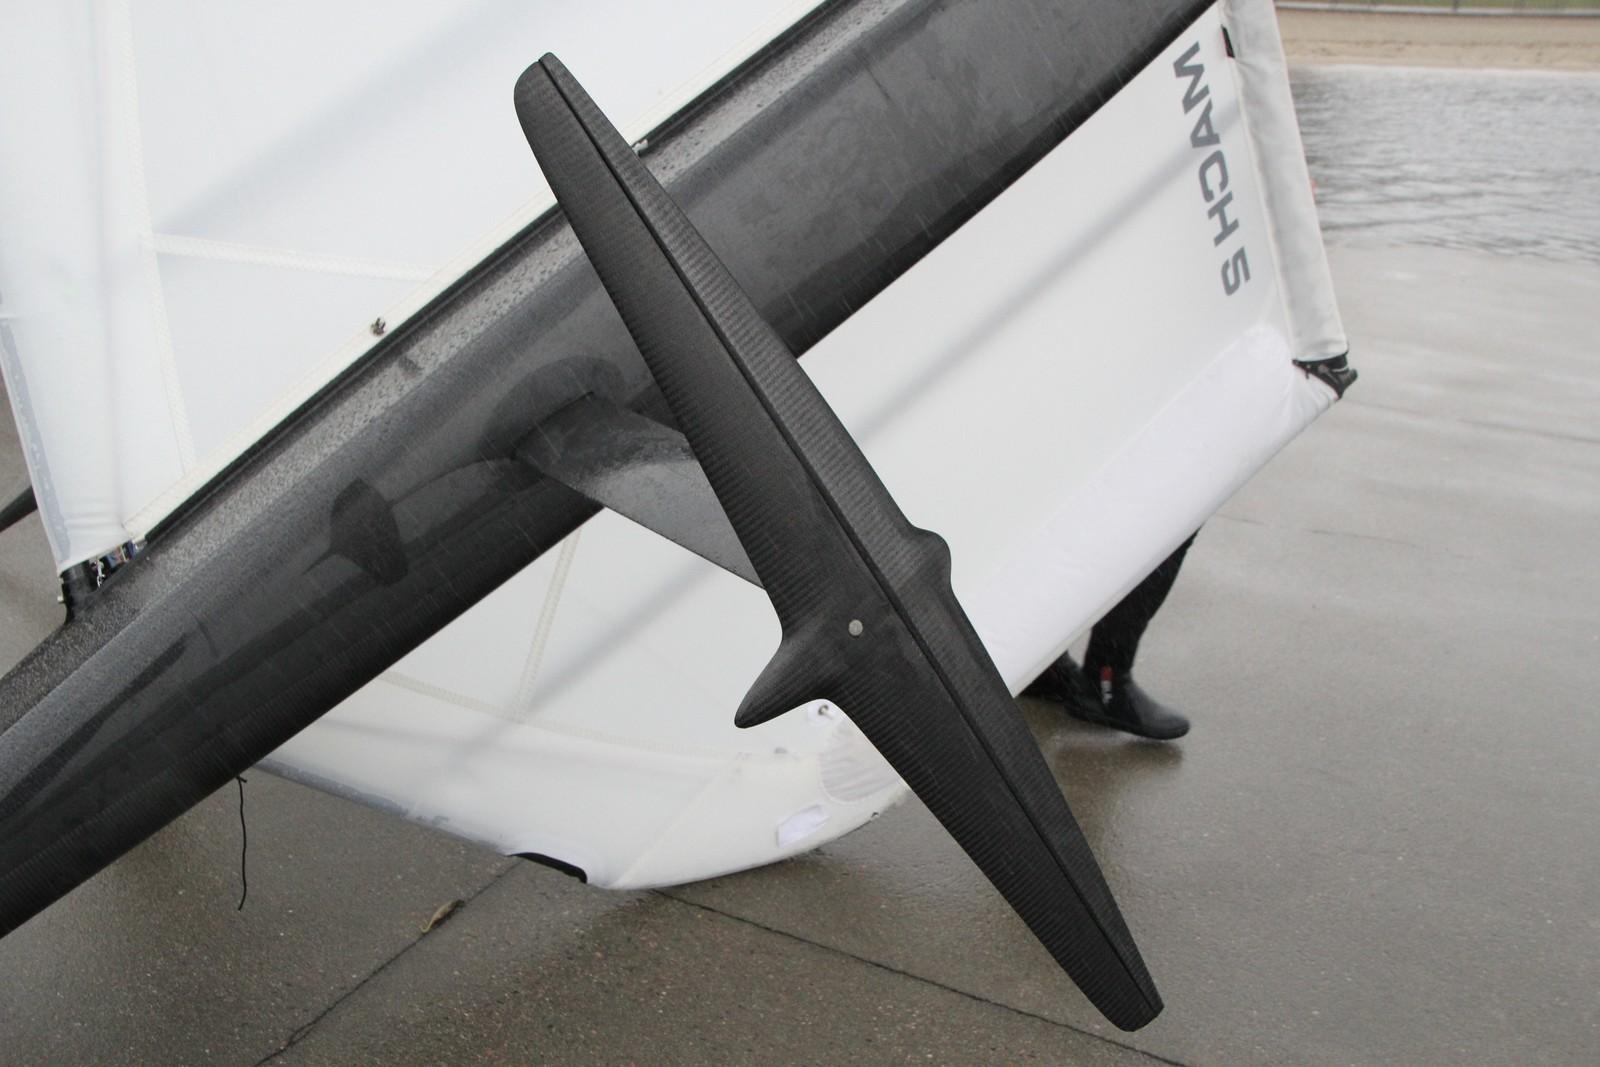 Enden på vingene, som står ned i vannet. De styres opp og ned manuelt av føreren.